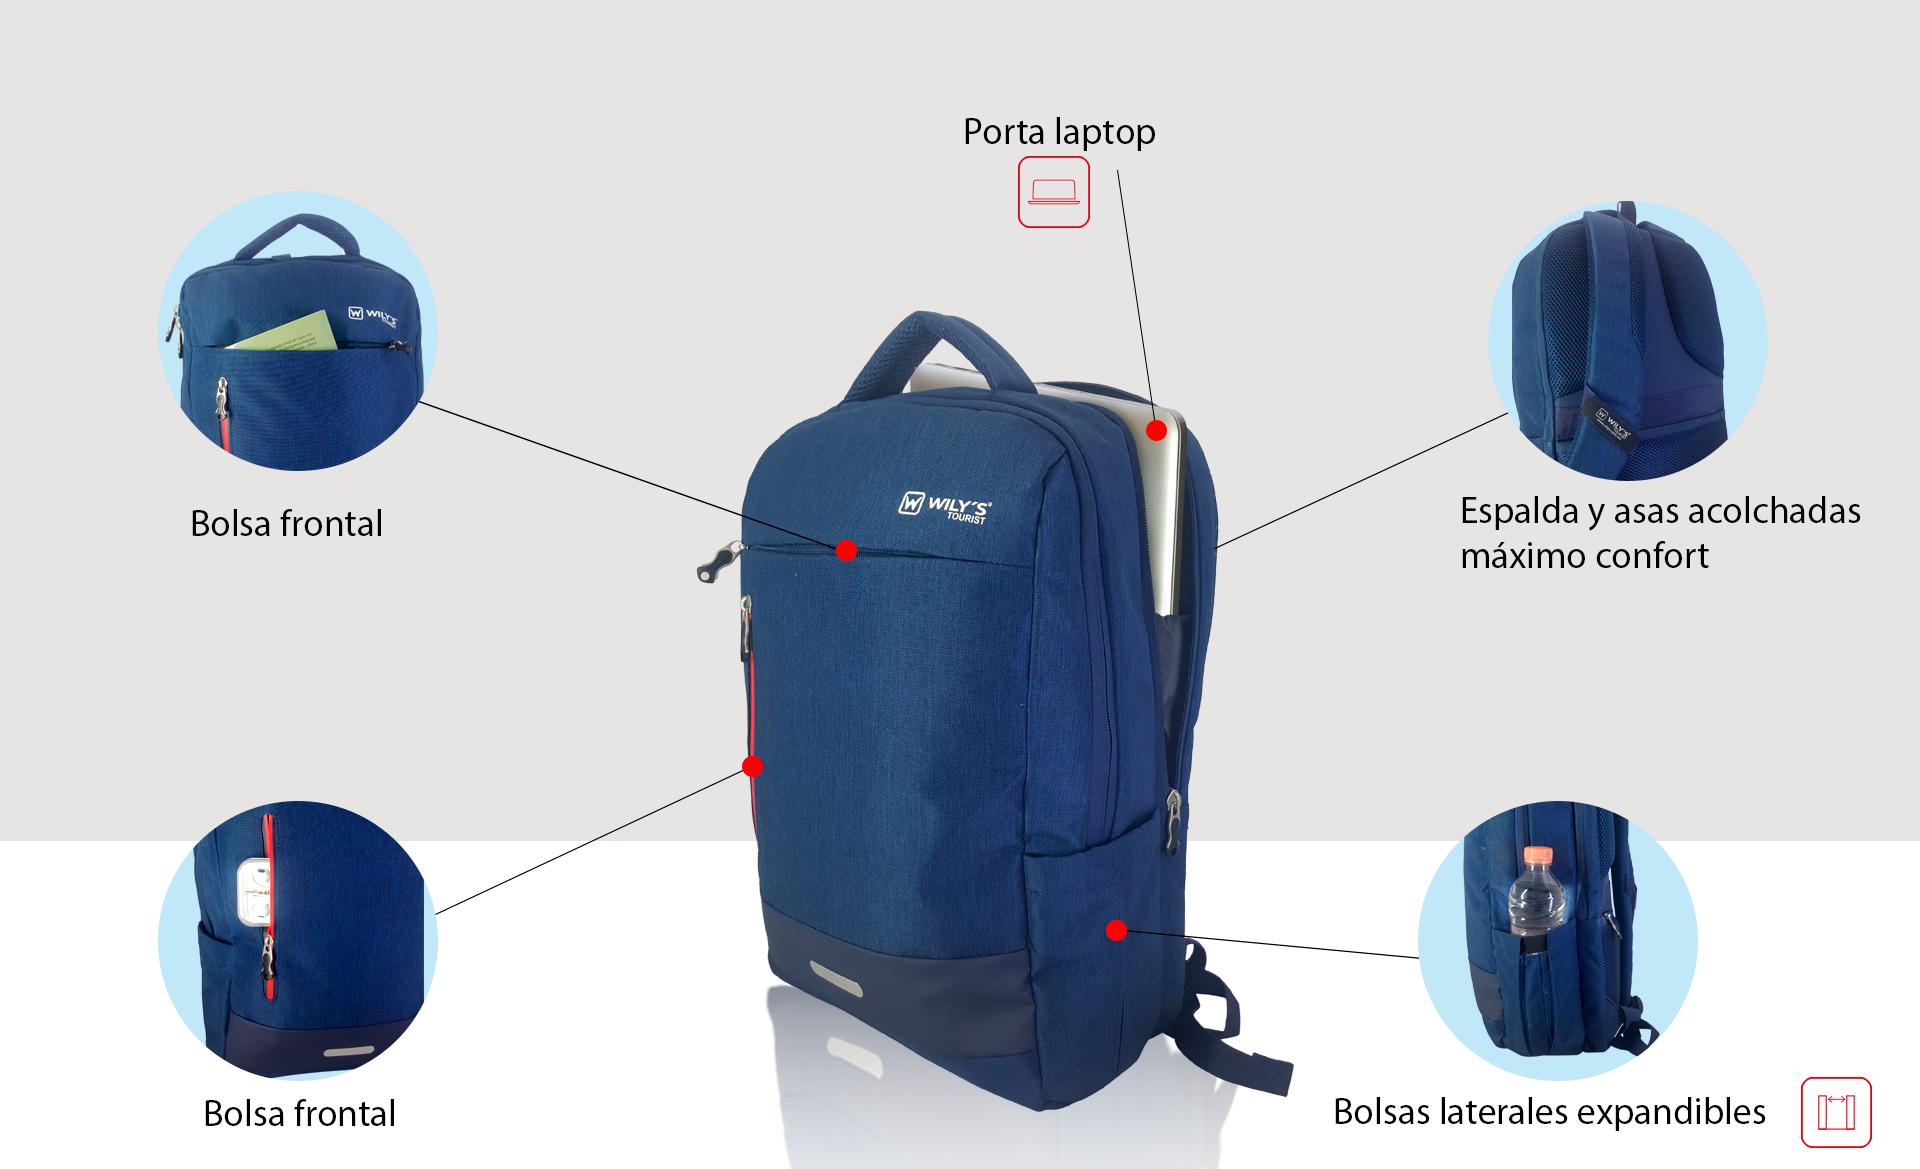 d761a0835 Backpack mochila ejecutiva, nuevo modelo con todas las características de  la mejor portabilidad, mochilas